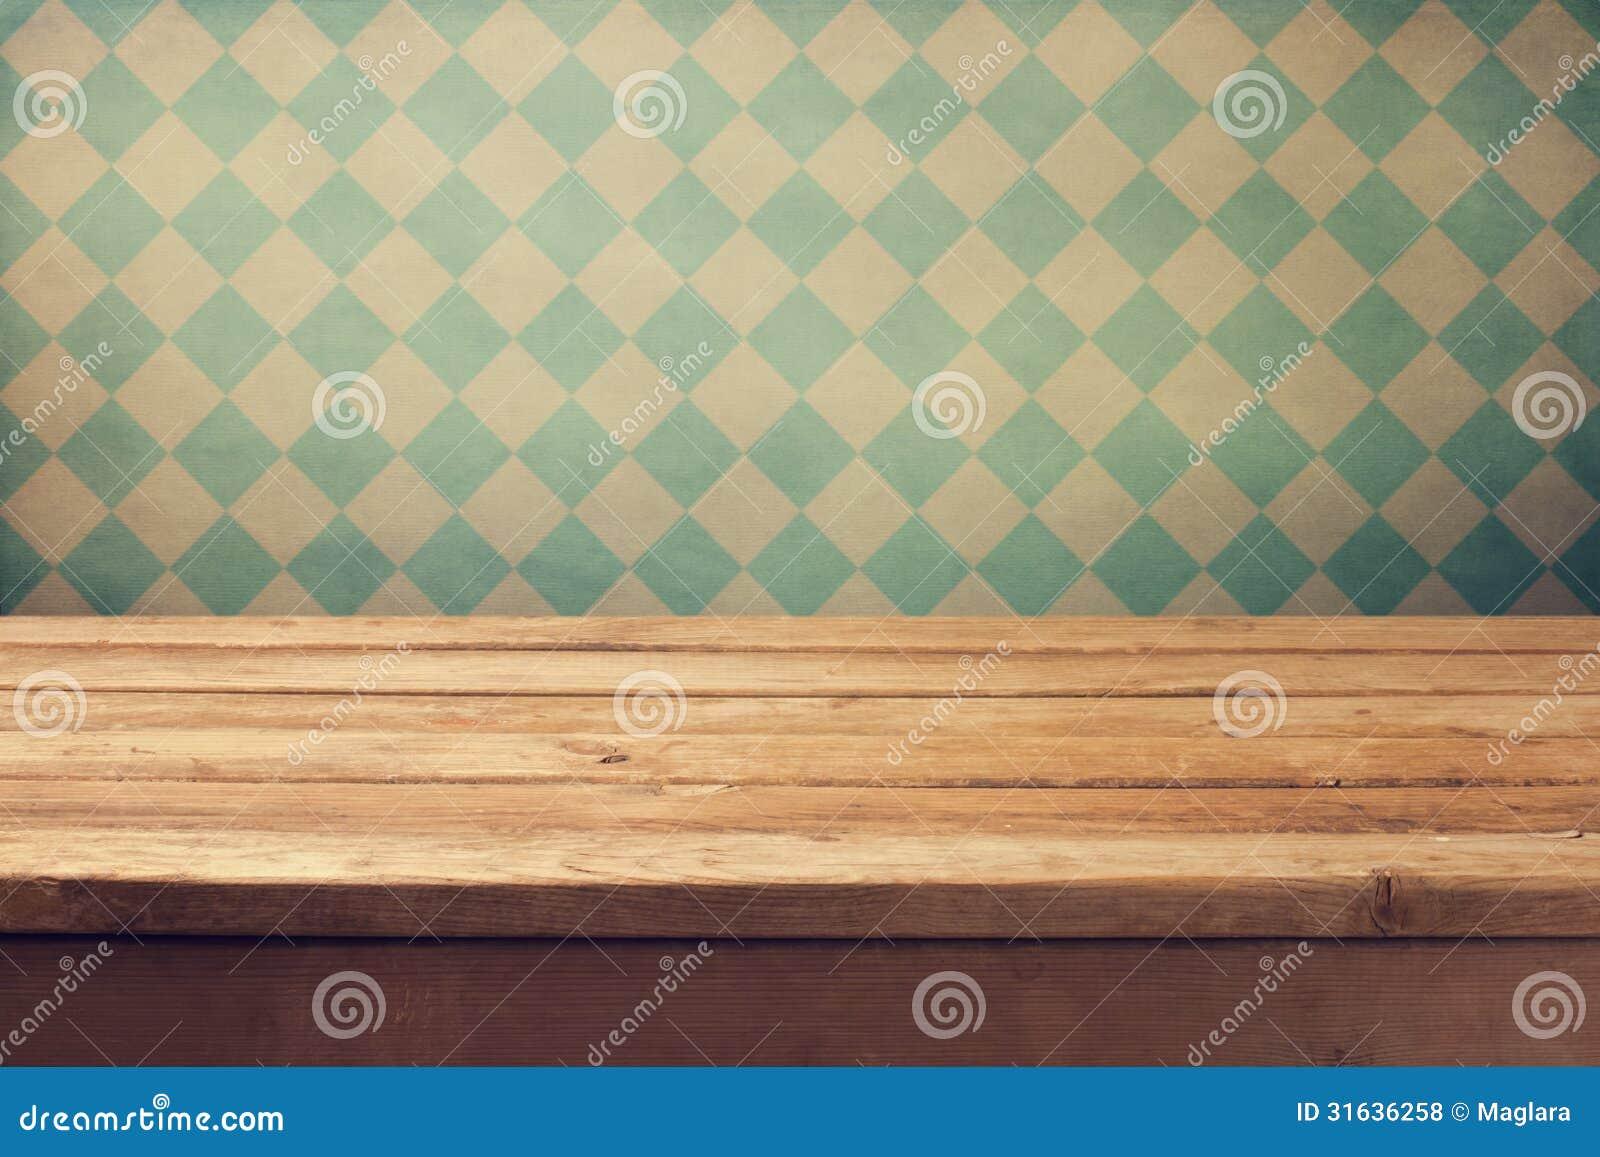 Rocznika tło z drewnianym pokładu stołem nad retro tapetą